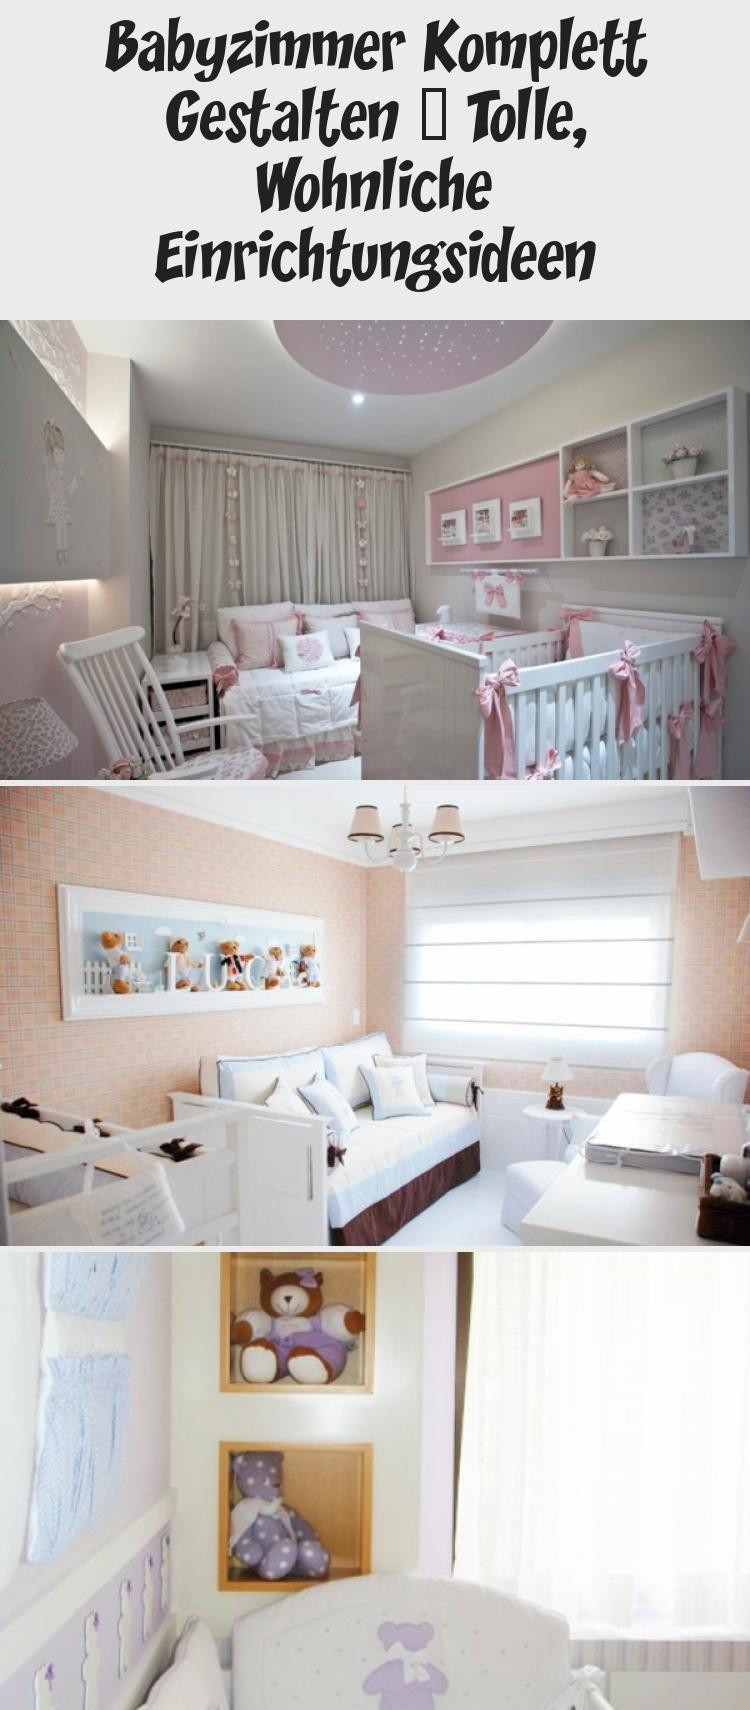 Babyzimmer Komplett Gestalten Tolle Wohnliche Einrichtungsideen